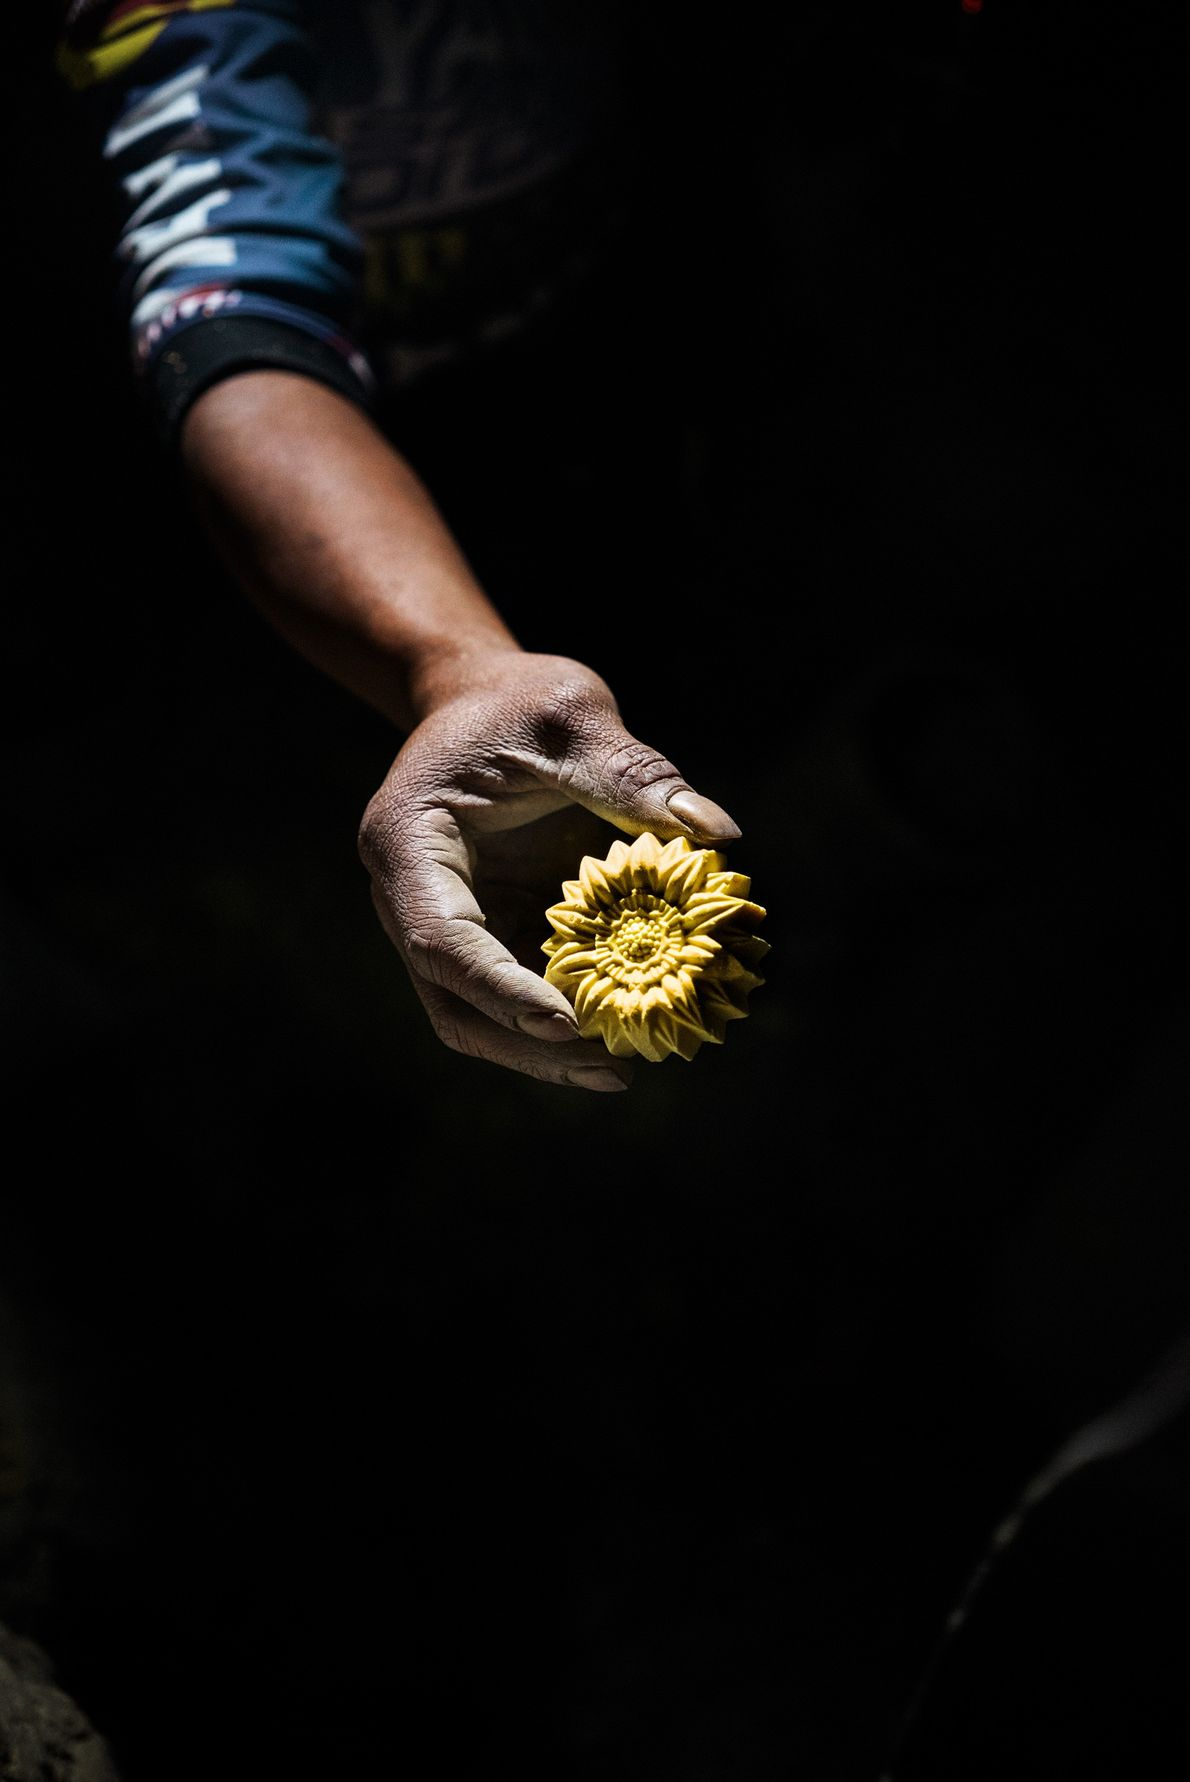 Wito, de 43 anos, esculpe uma flor a partir de um bloco de enxofre para ganhar ...